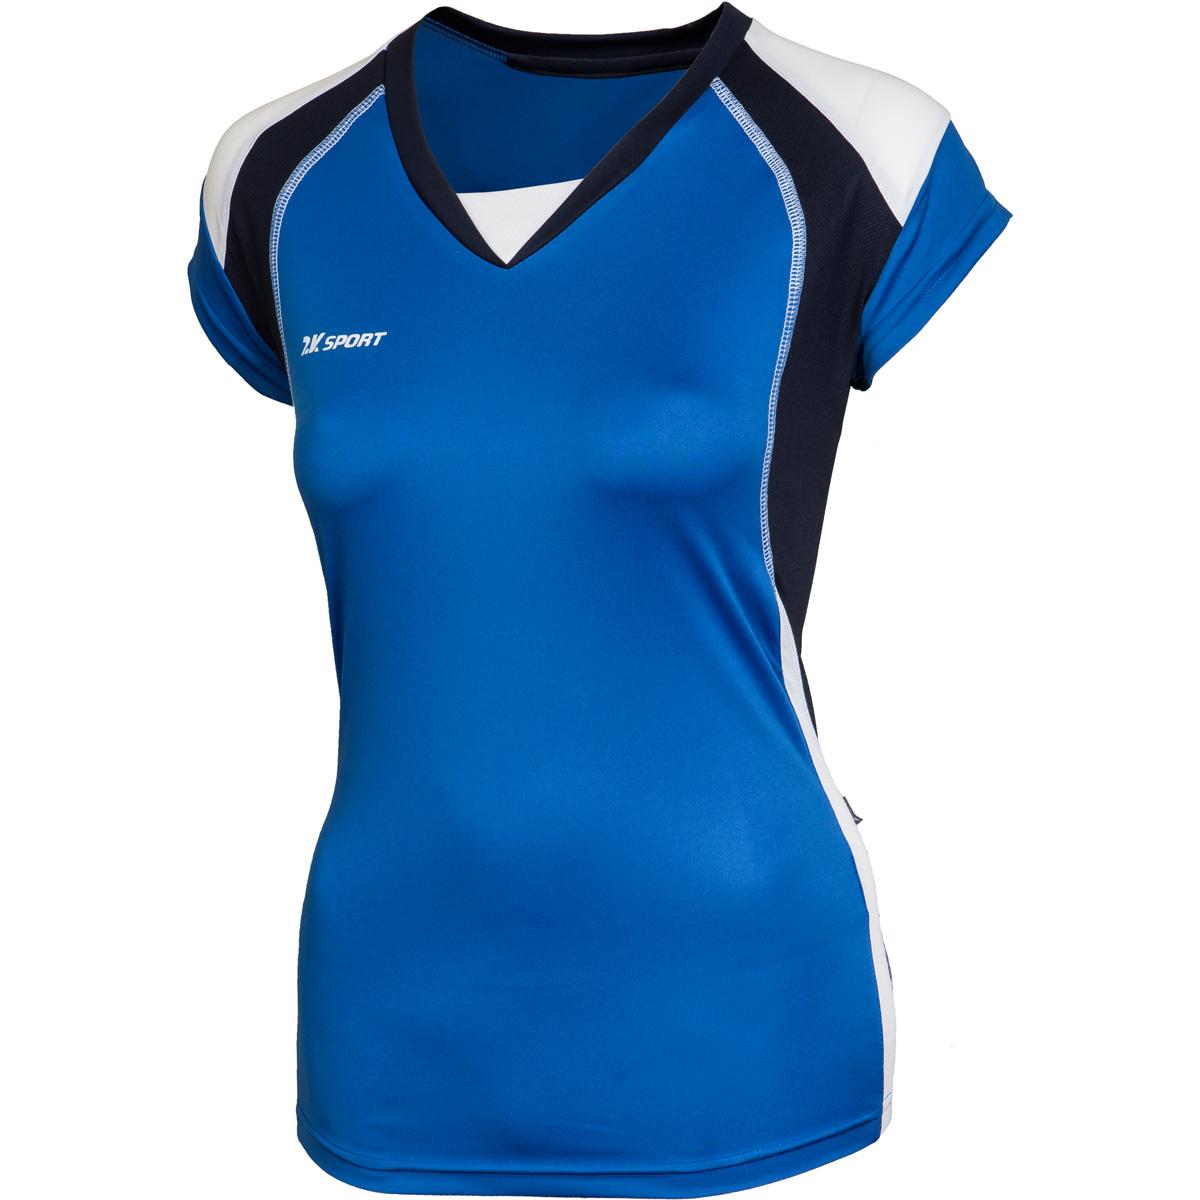 Футболка волейбольная женская 2K Sport Energy, цвет: синий, темно-синий, белый. 140042. Размер XS (40/42)140042_royal/navy/whiteЖенская волейбольная форма Energy подкупает своей простотой и изящностью. Футболка без рукавов из ткани повышенной прочности отделана контрастными вставками по бокам и небольшим заниженным воротником. Идеальный выбор как для профессионалов, так и для любителей. Плотность ткани: 140 г/м.кв.